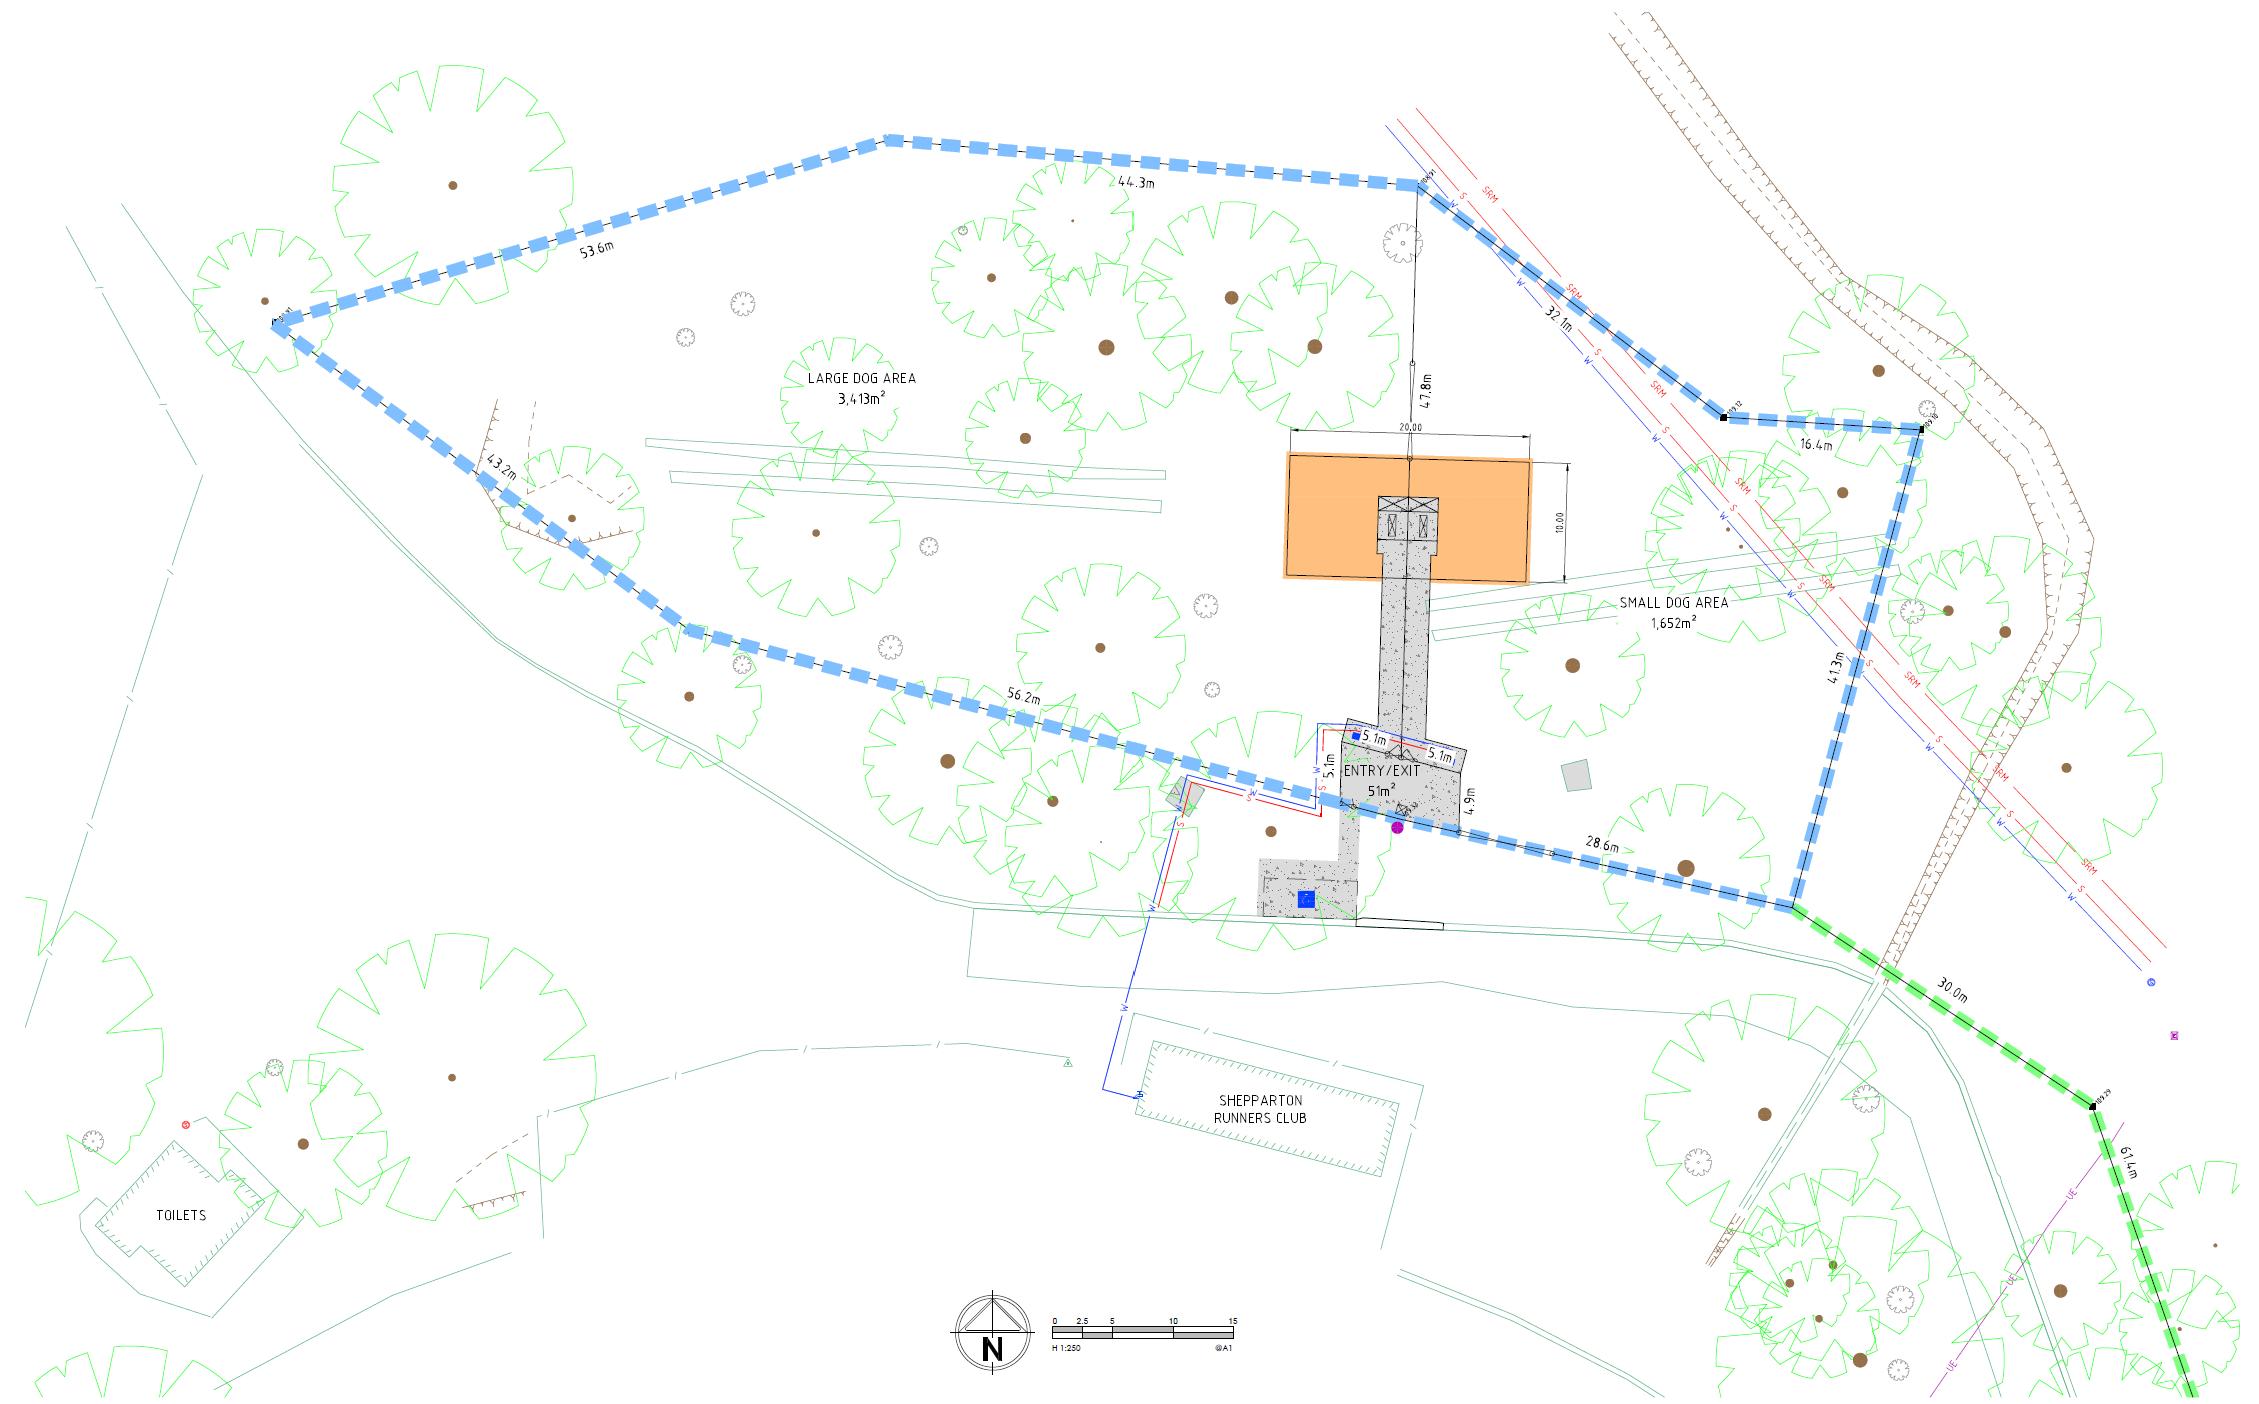 Princess Park Dog Park Concept Design